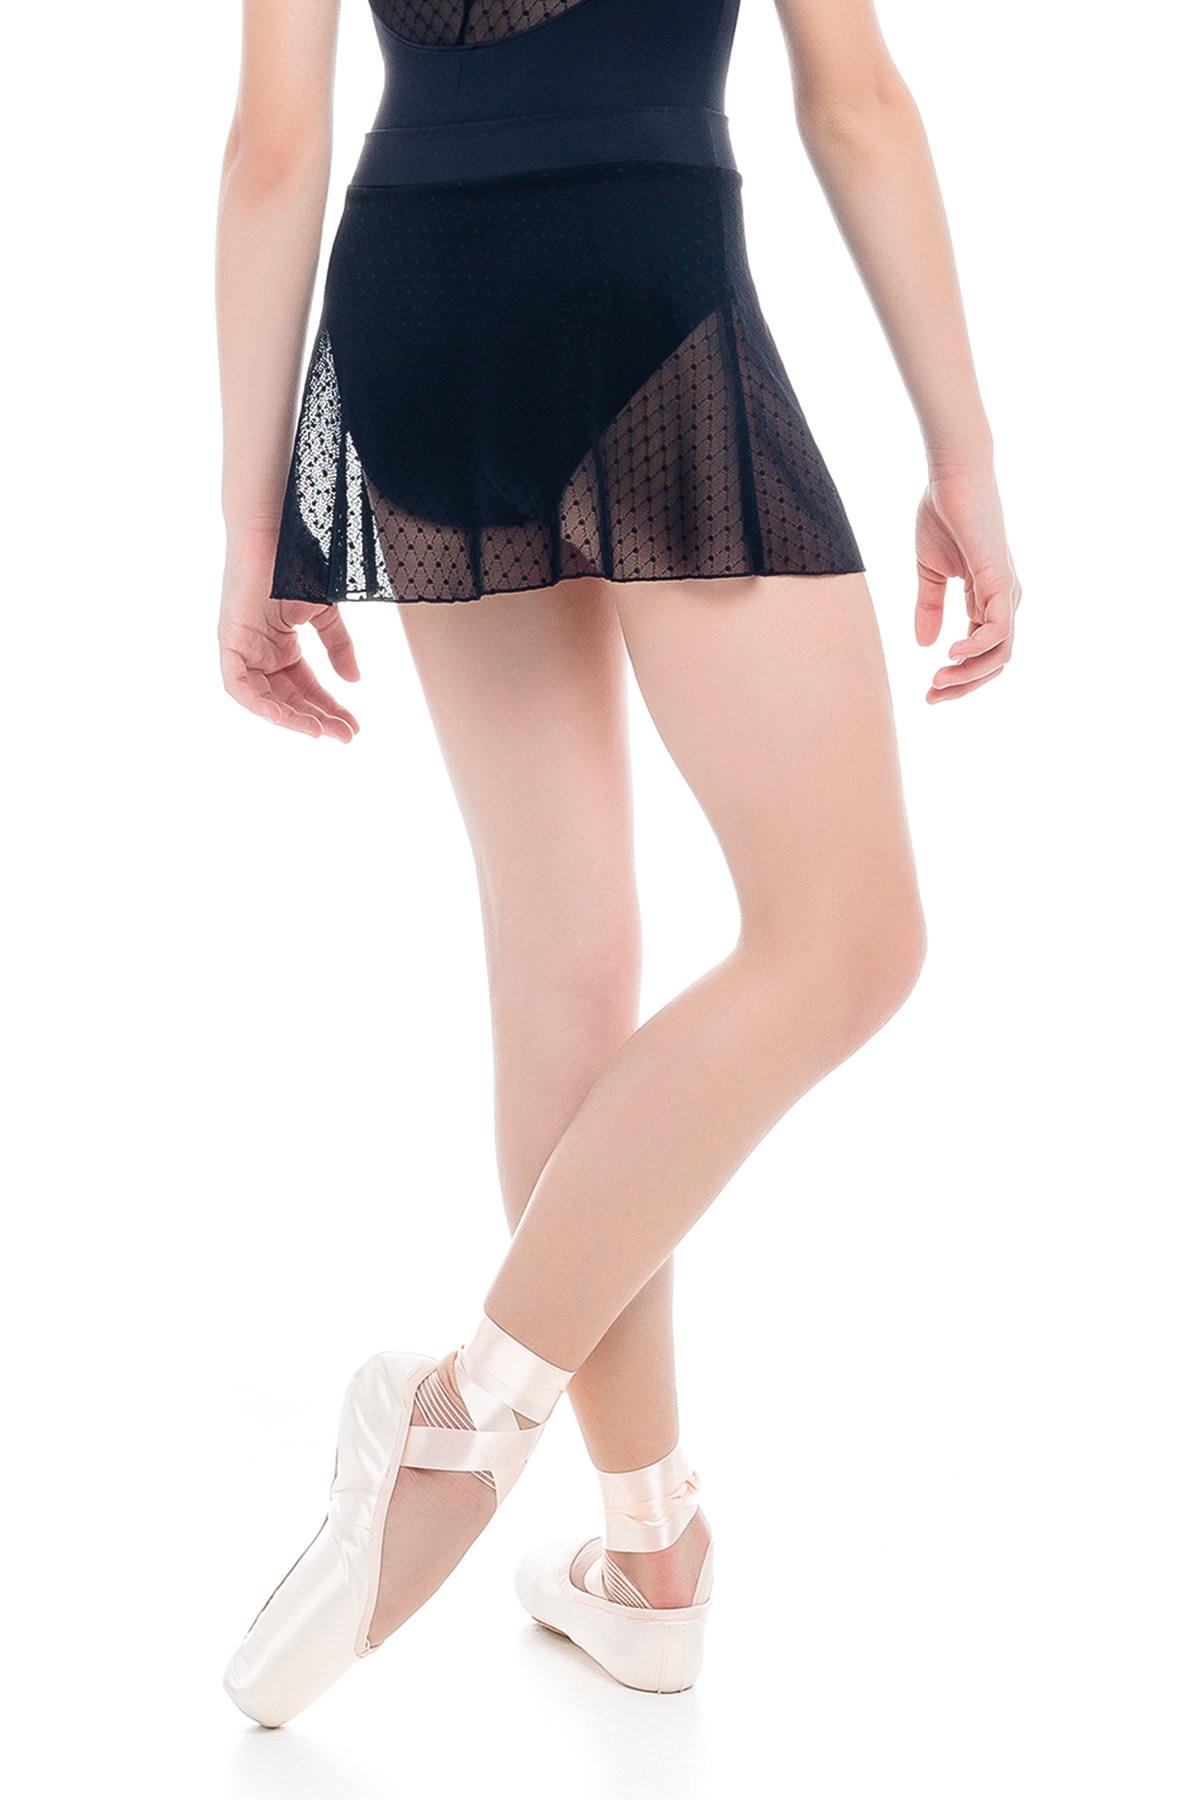 SoDanca L1909-Child Pull On Skirt